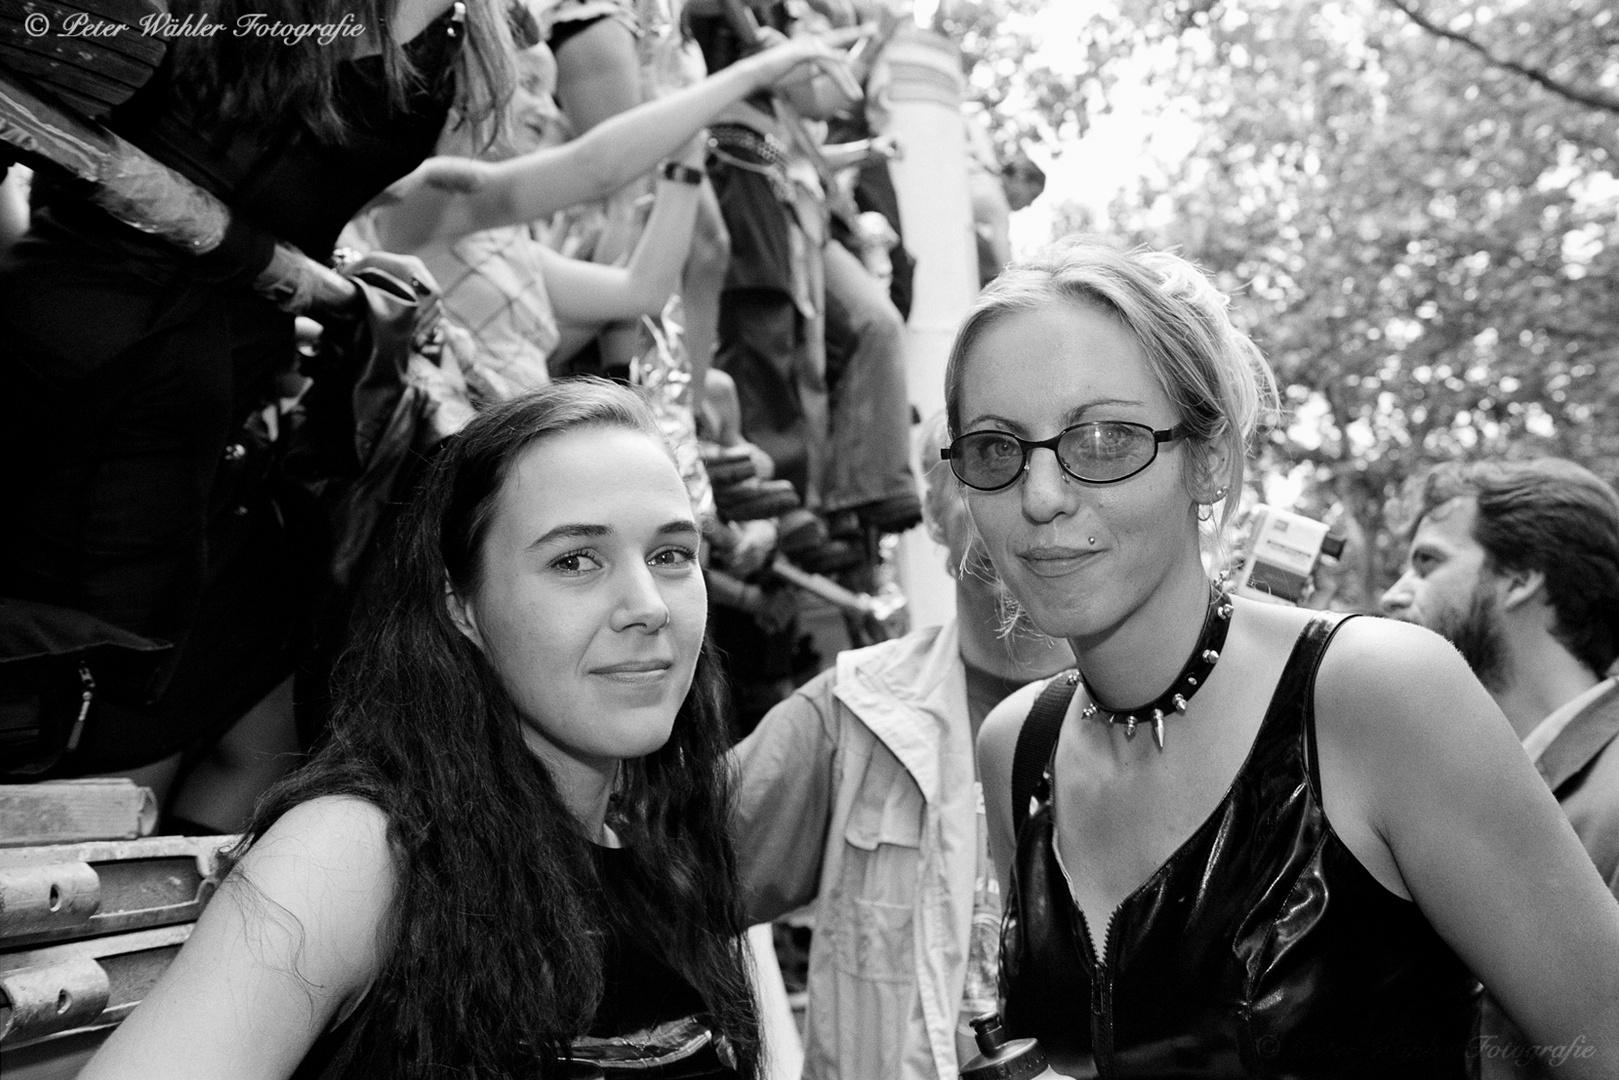 Carneval Erotica Berlin 2001